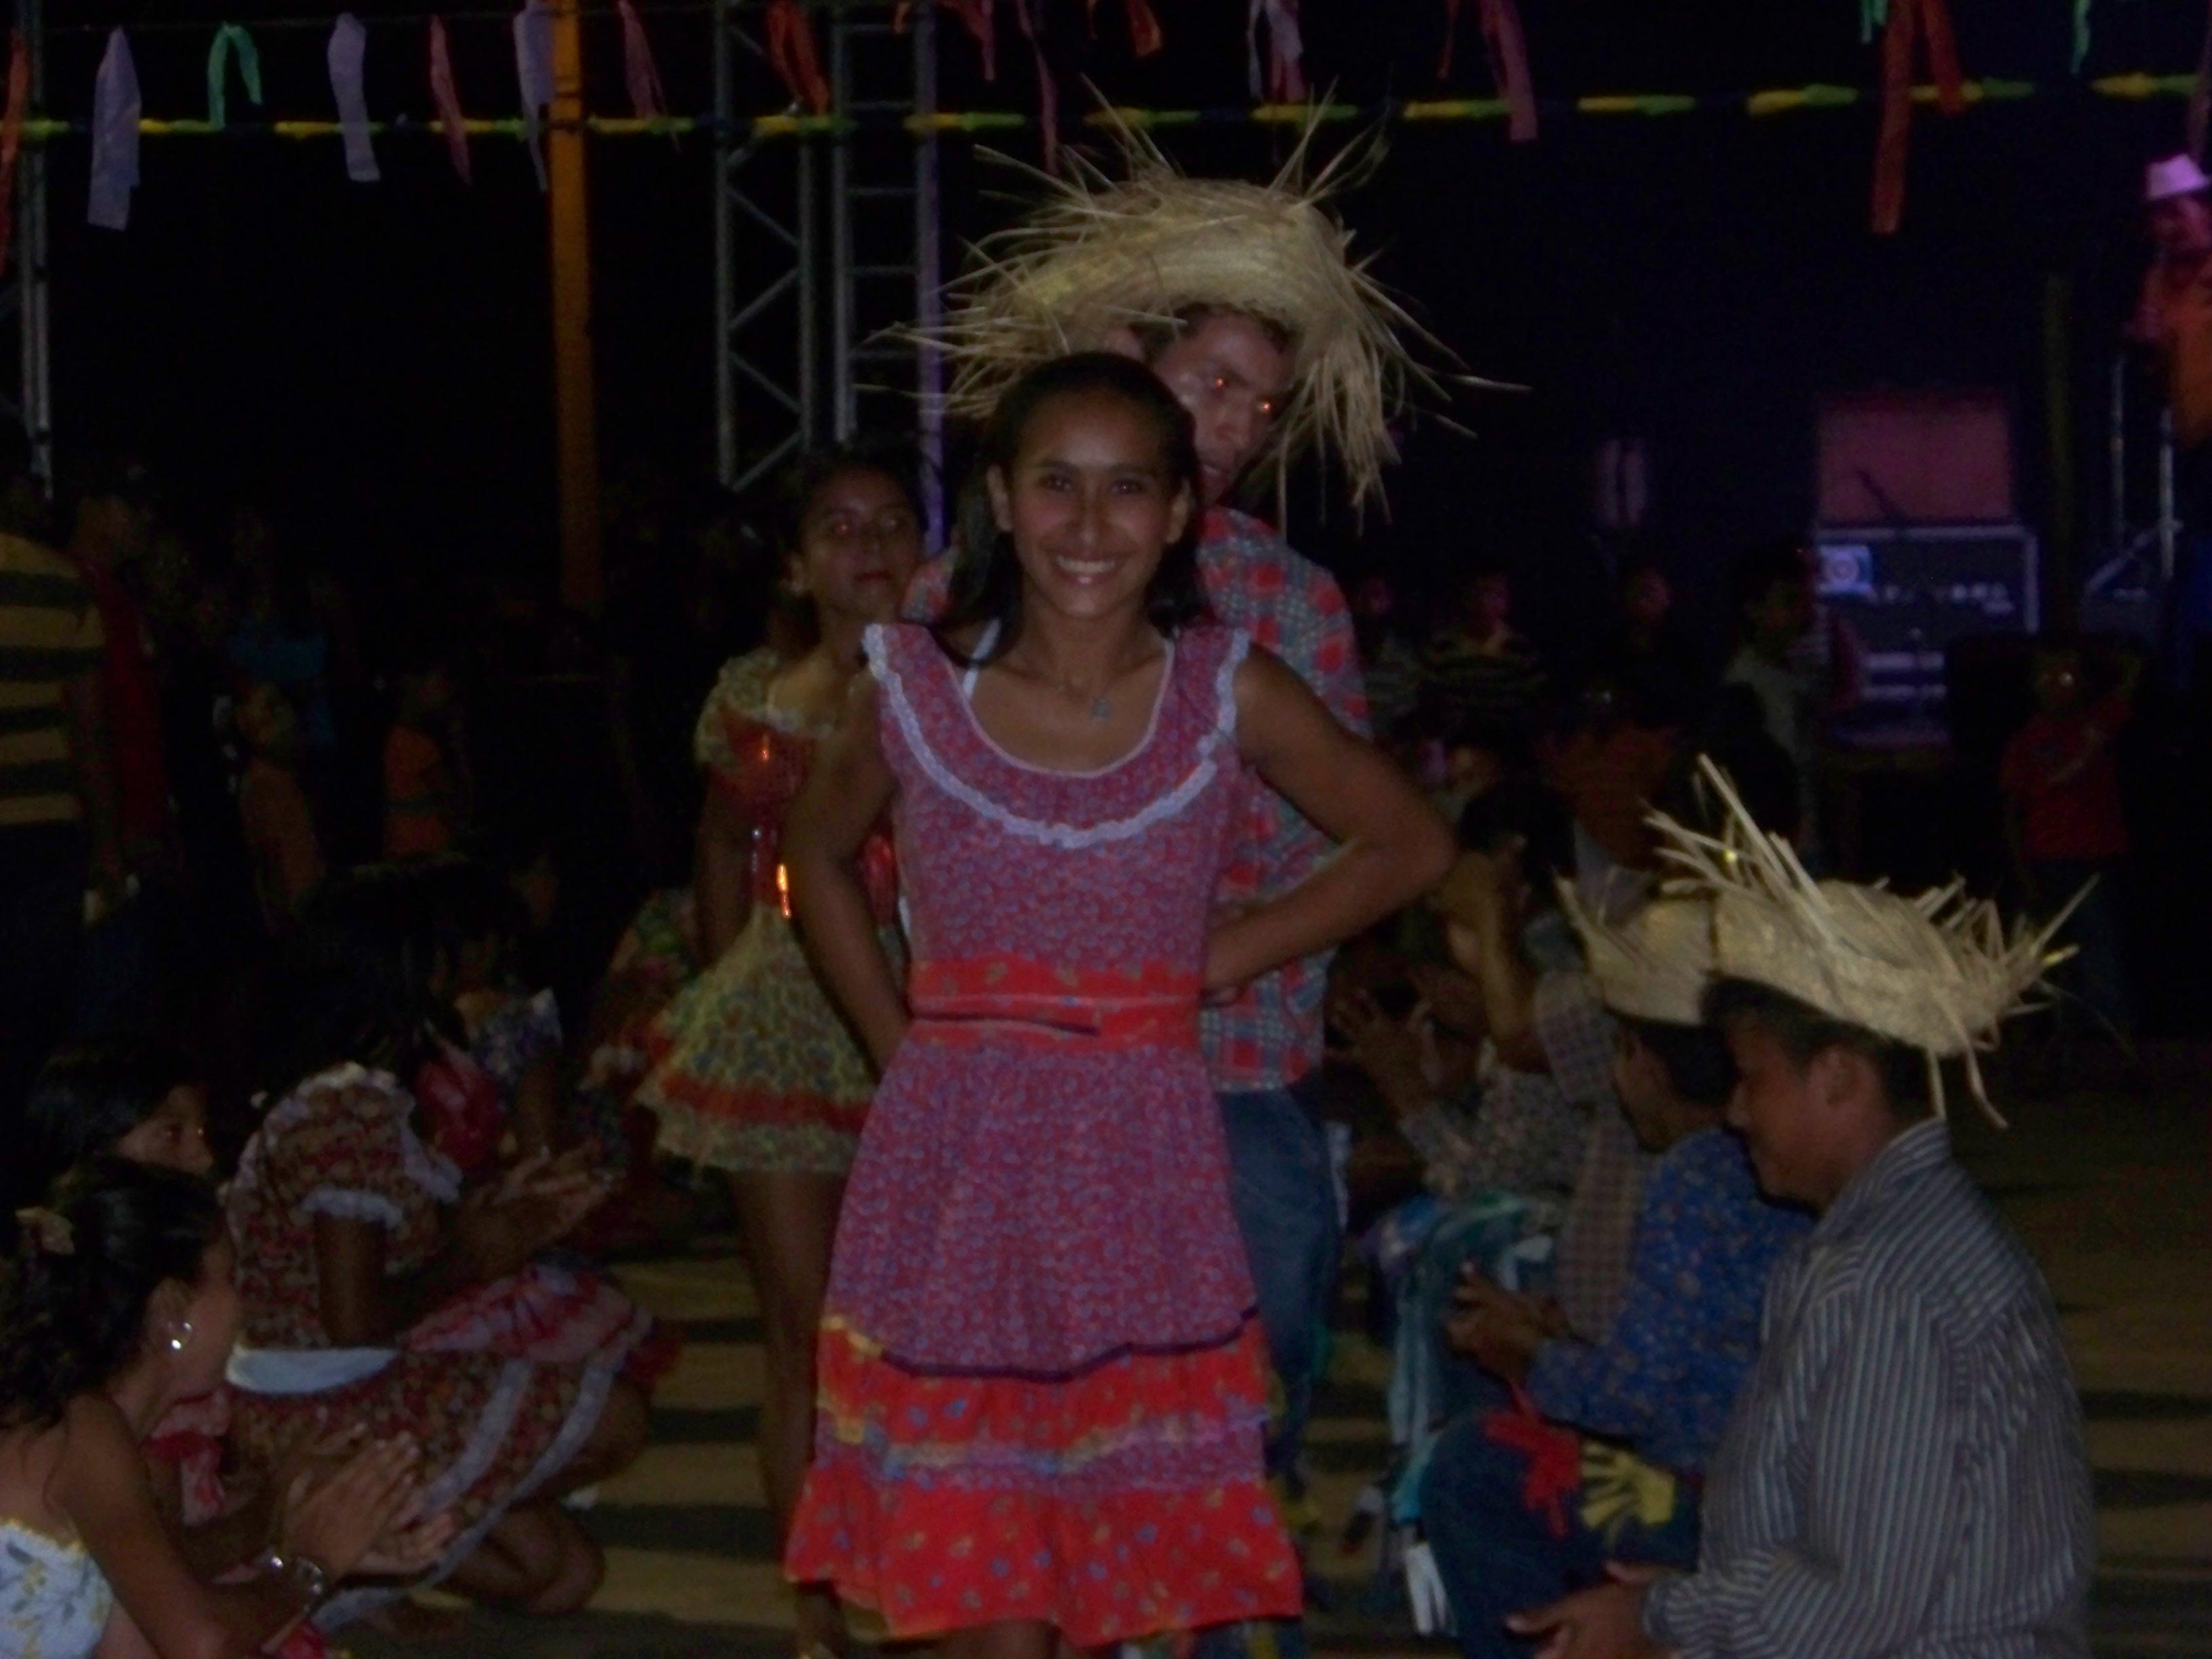 Festa do Mestiço - comemoração do feriado do Dia do Mestiço em Autazes 27 06 2012